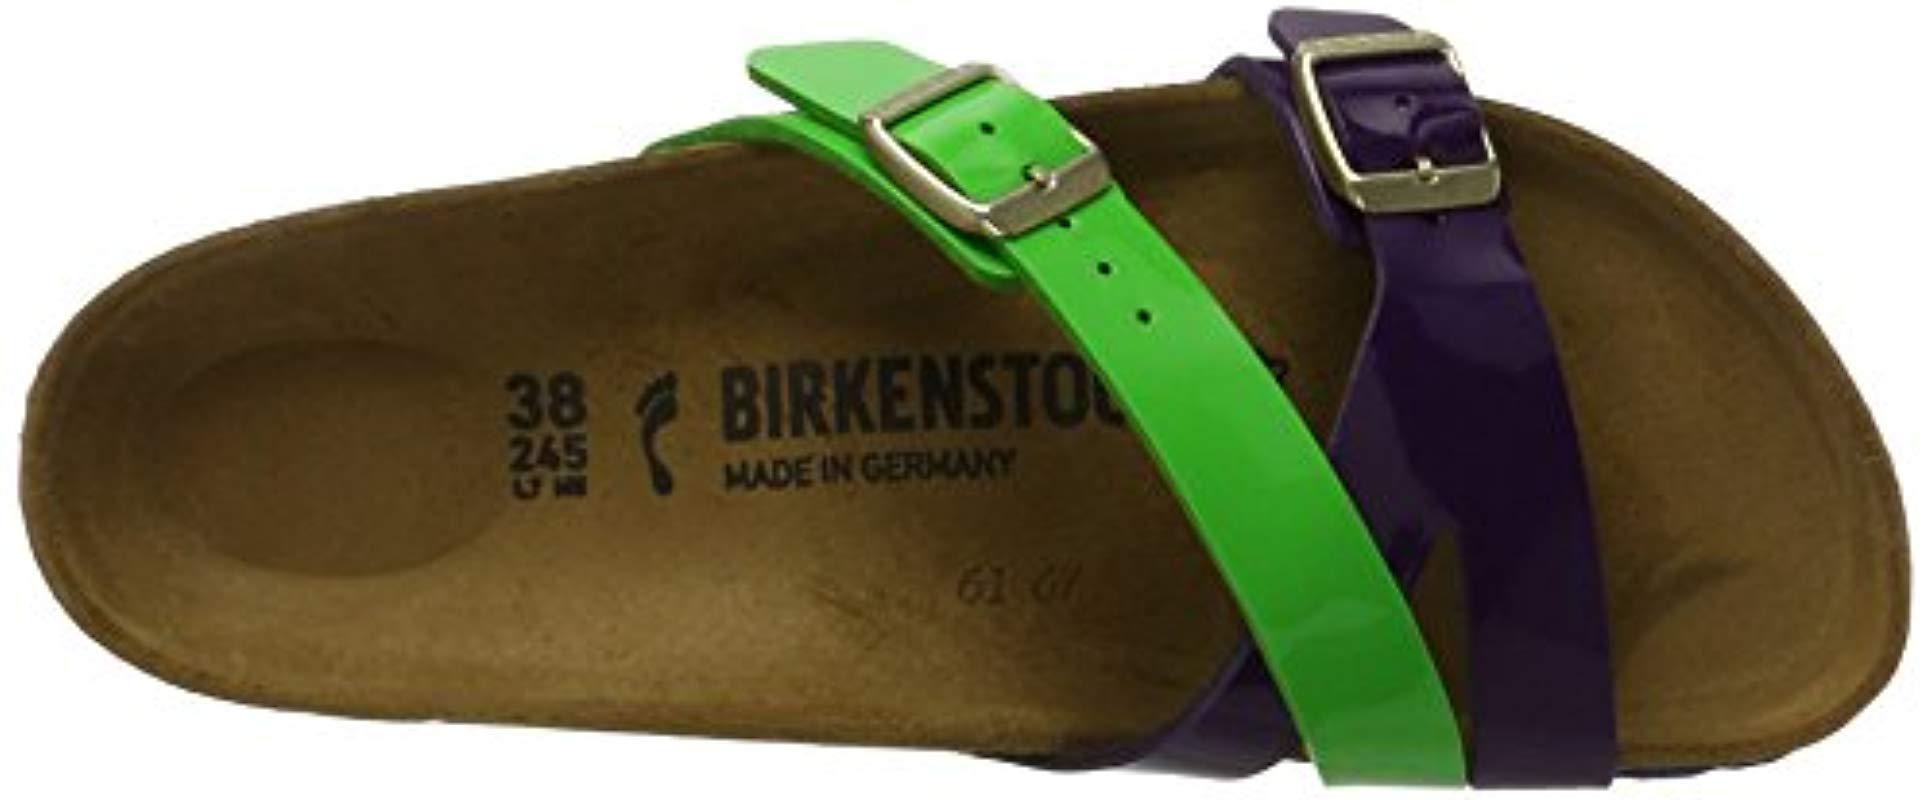 73278ca51 Birkenstock Yao Balance Birko-flor